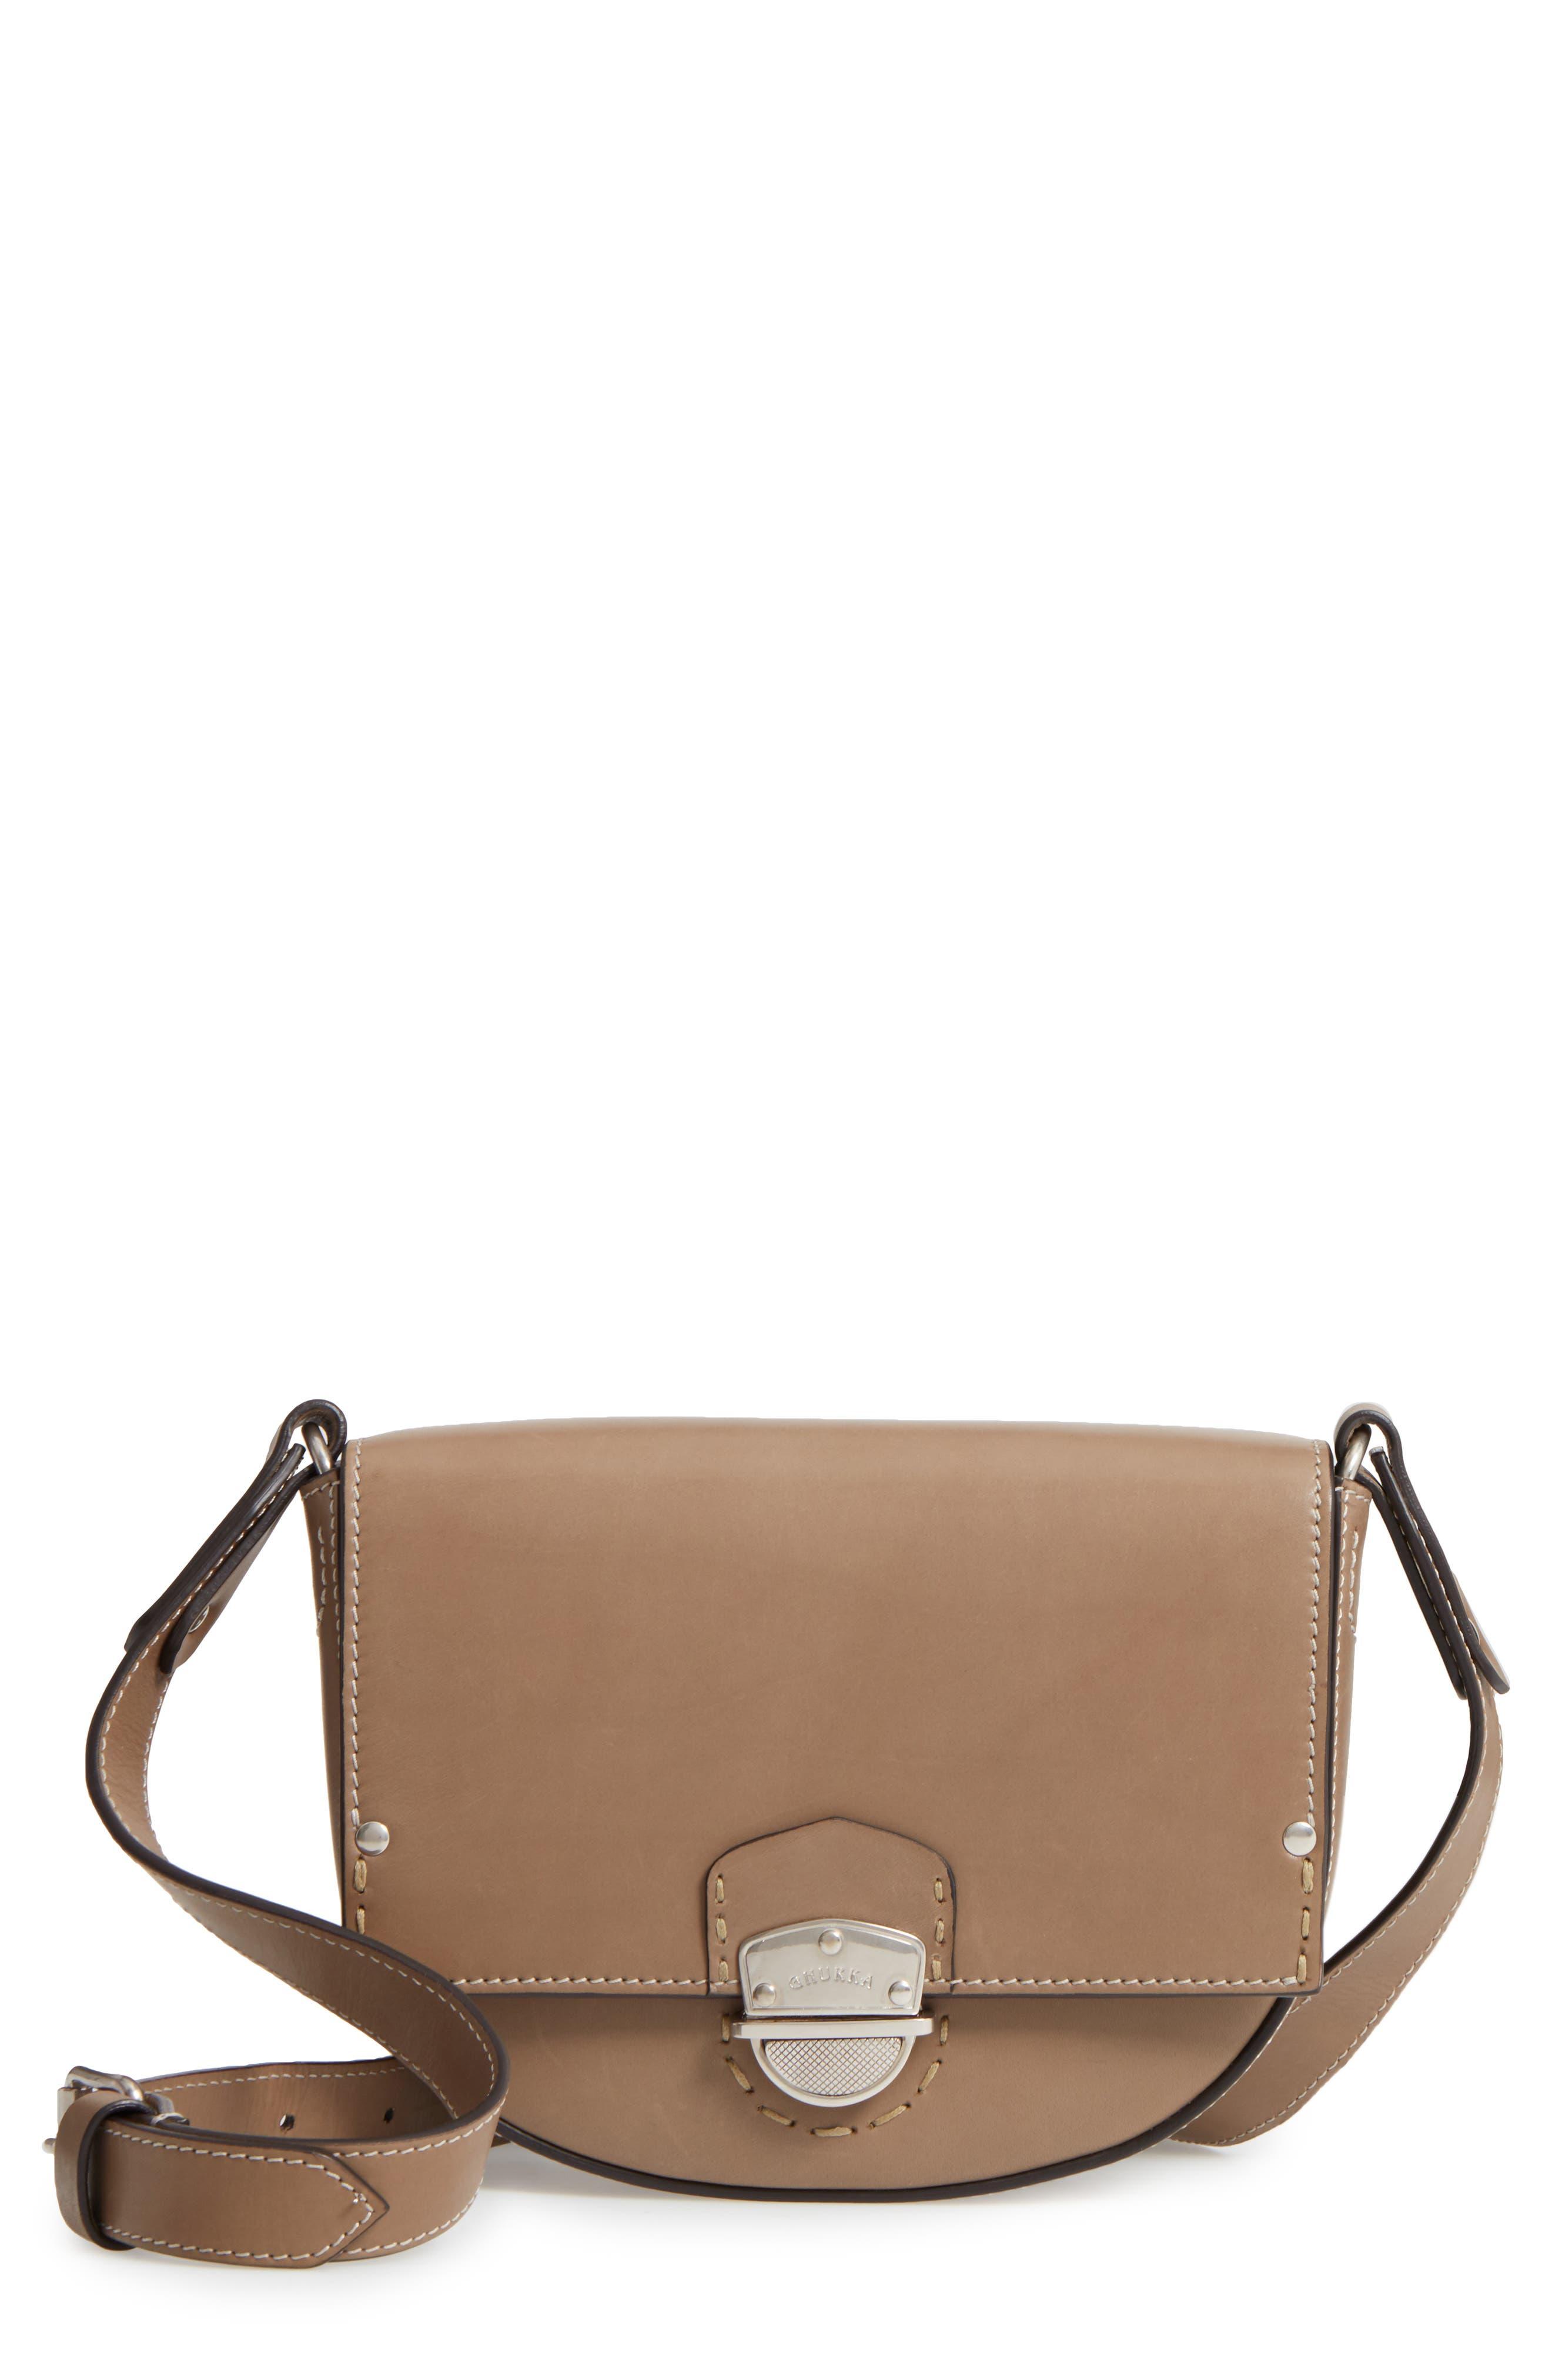 Ghurka Marlow Leather Shoulder Bag